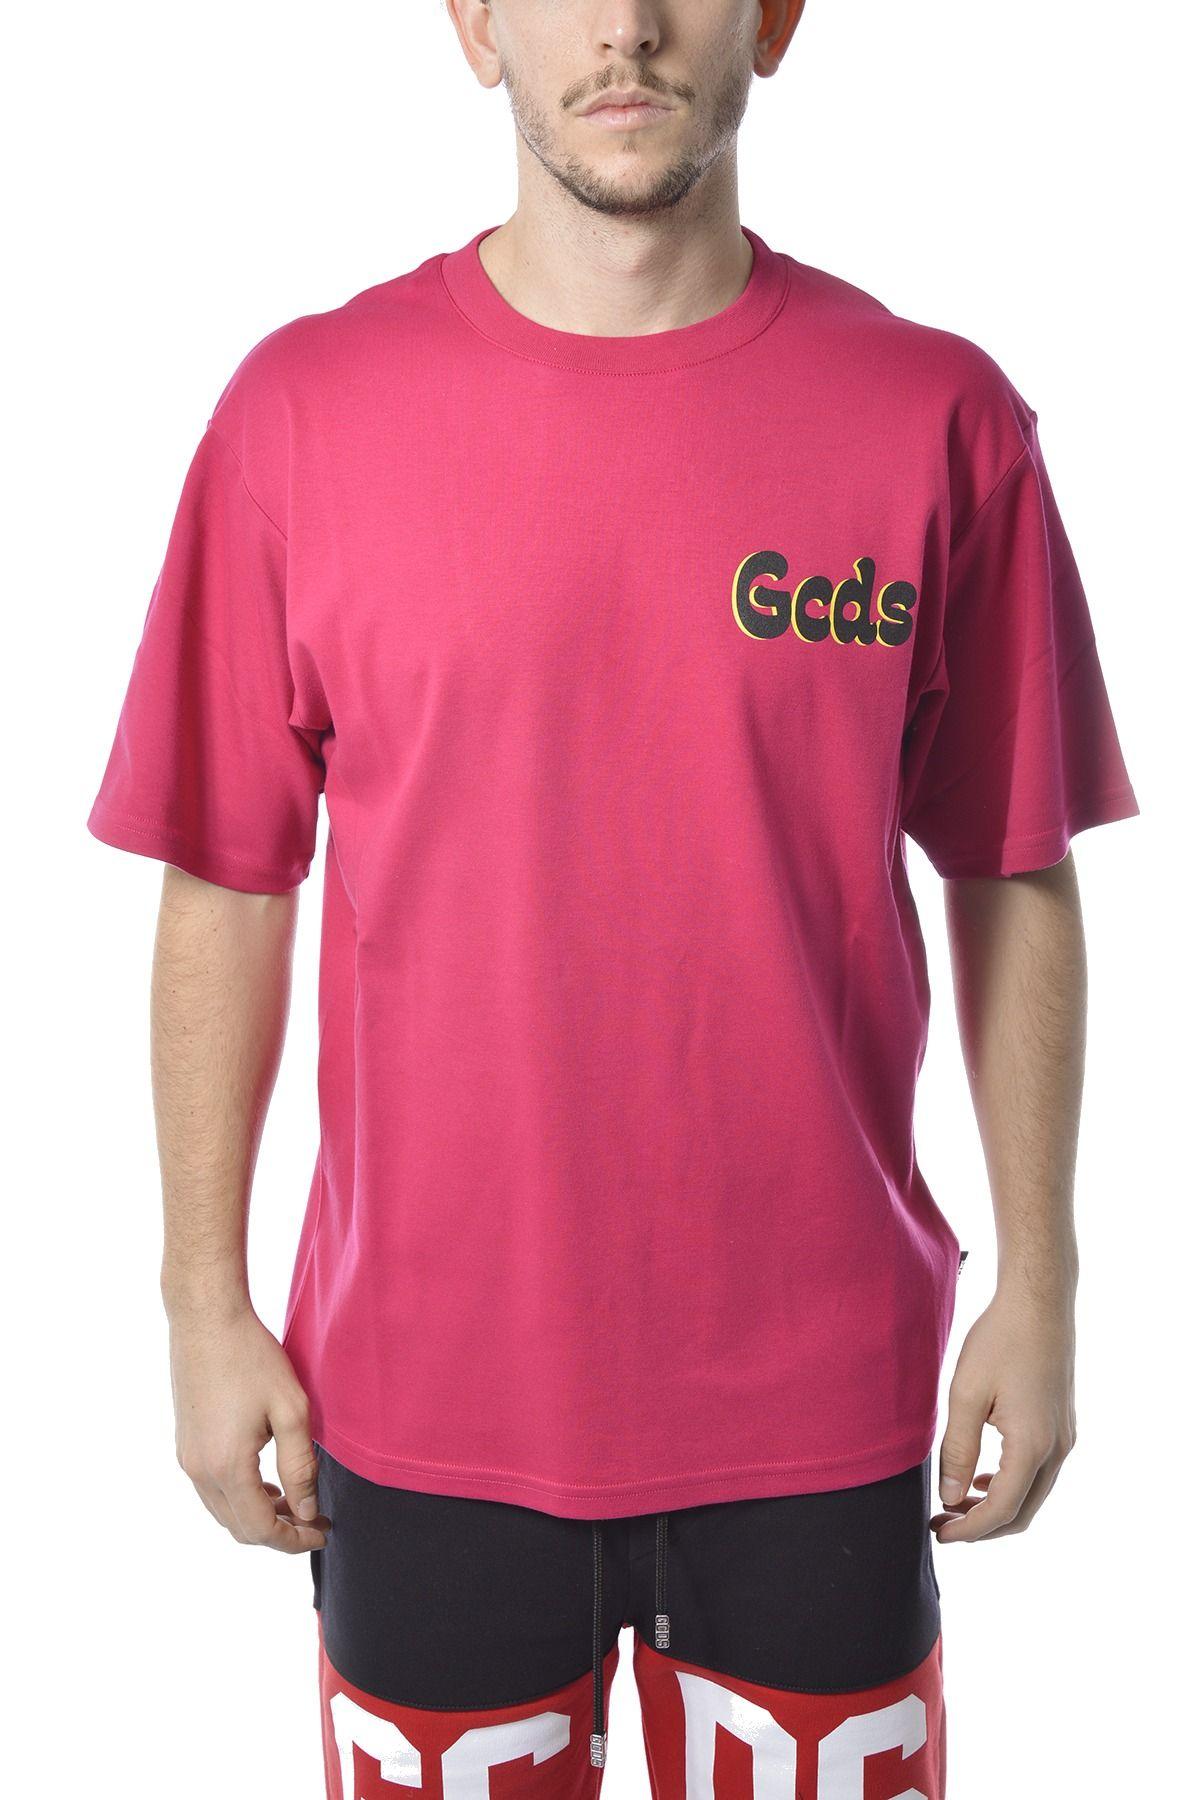 Gcds GCDS MEN'S FUCHSIA COTTON T-SHIRT